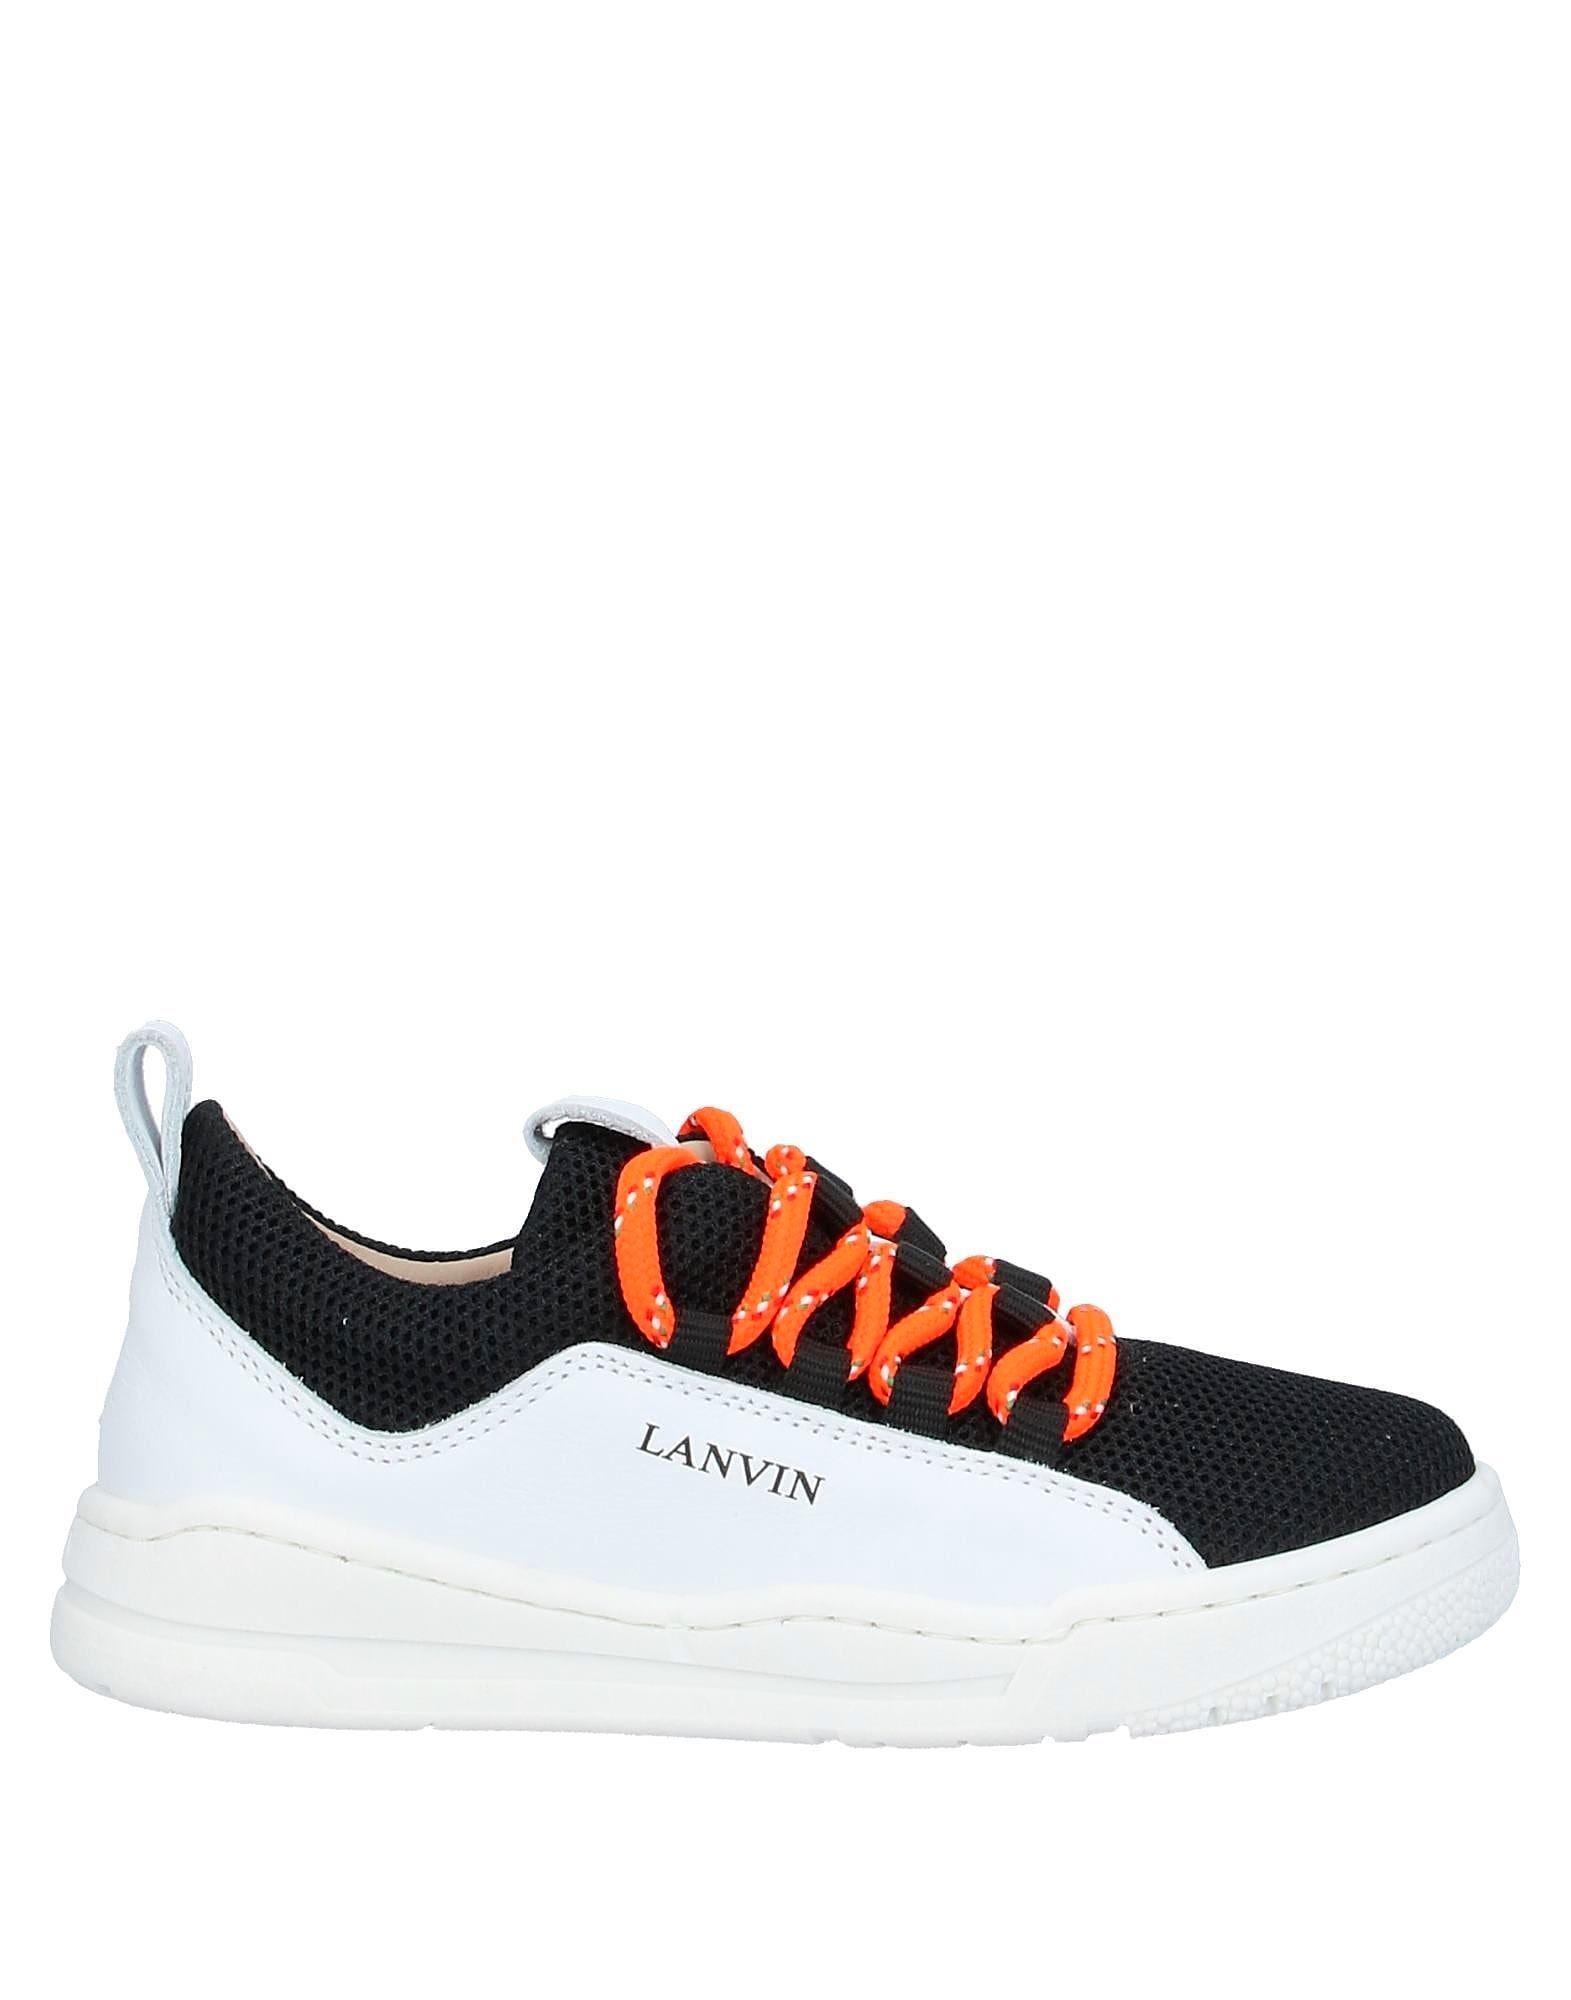 Lanvin Sneakers Boy 3-8 years online on